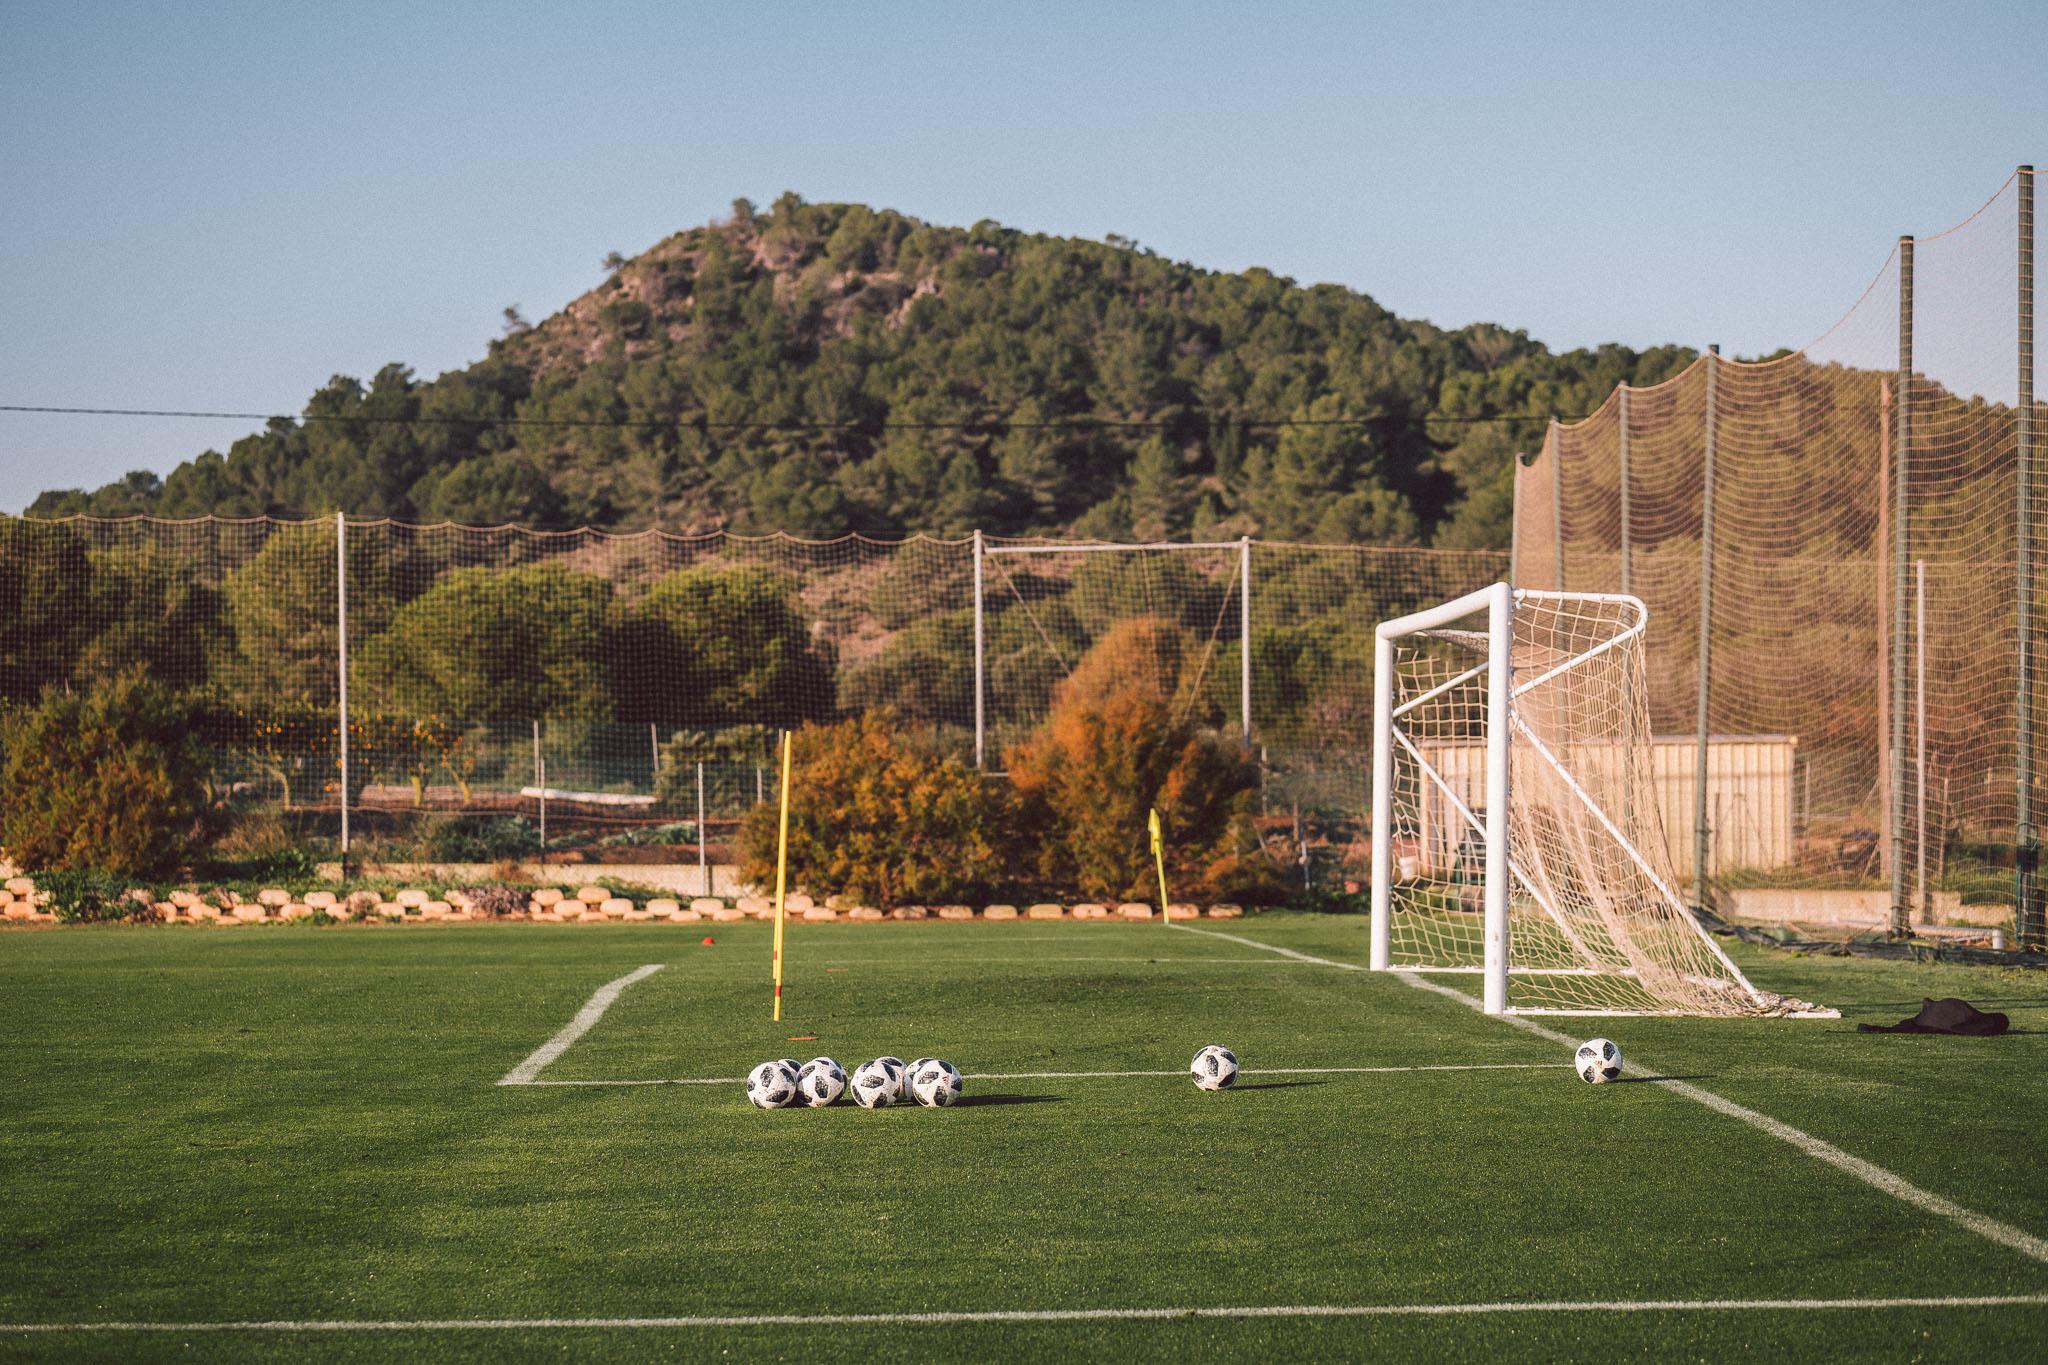 Ein seitliche Aufnahme eines Fußballtores, vor dem viele Bälle liegen.